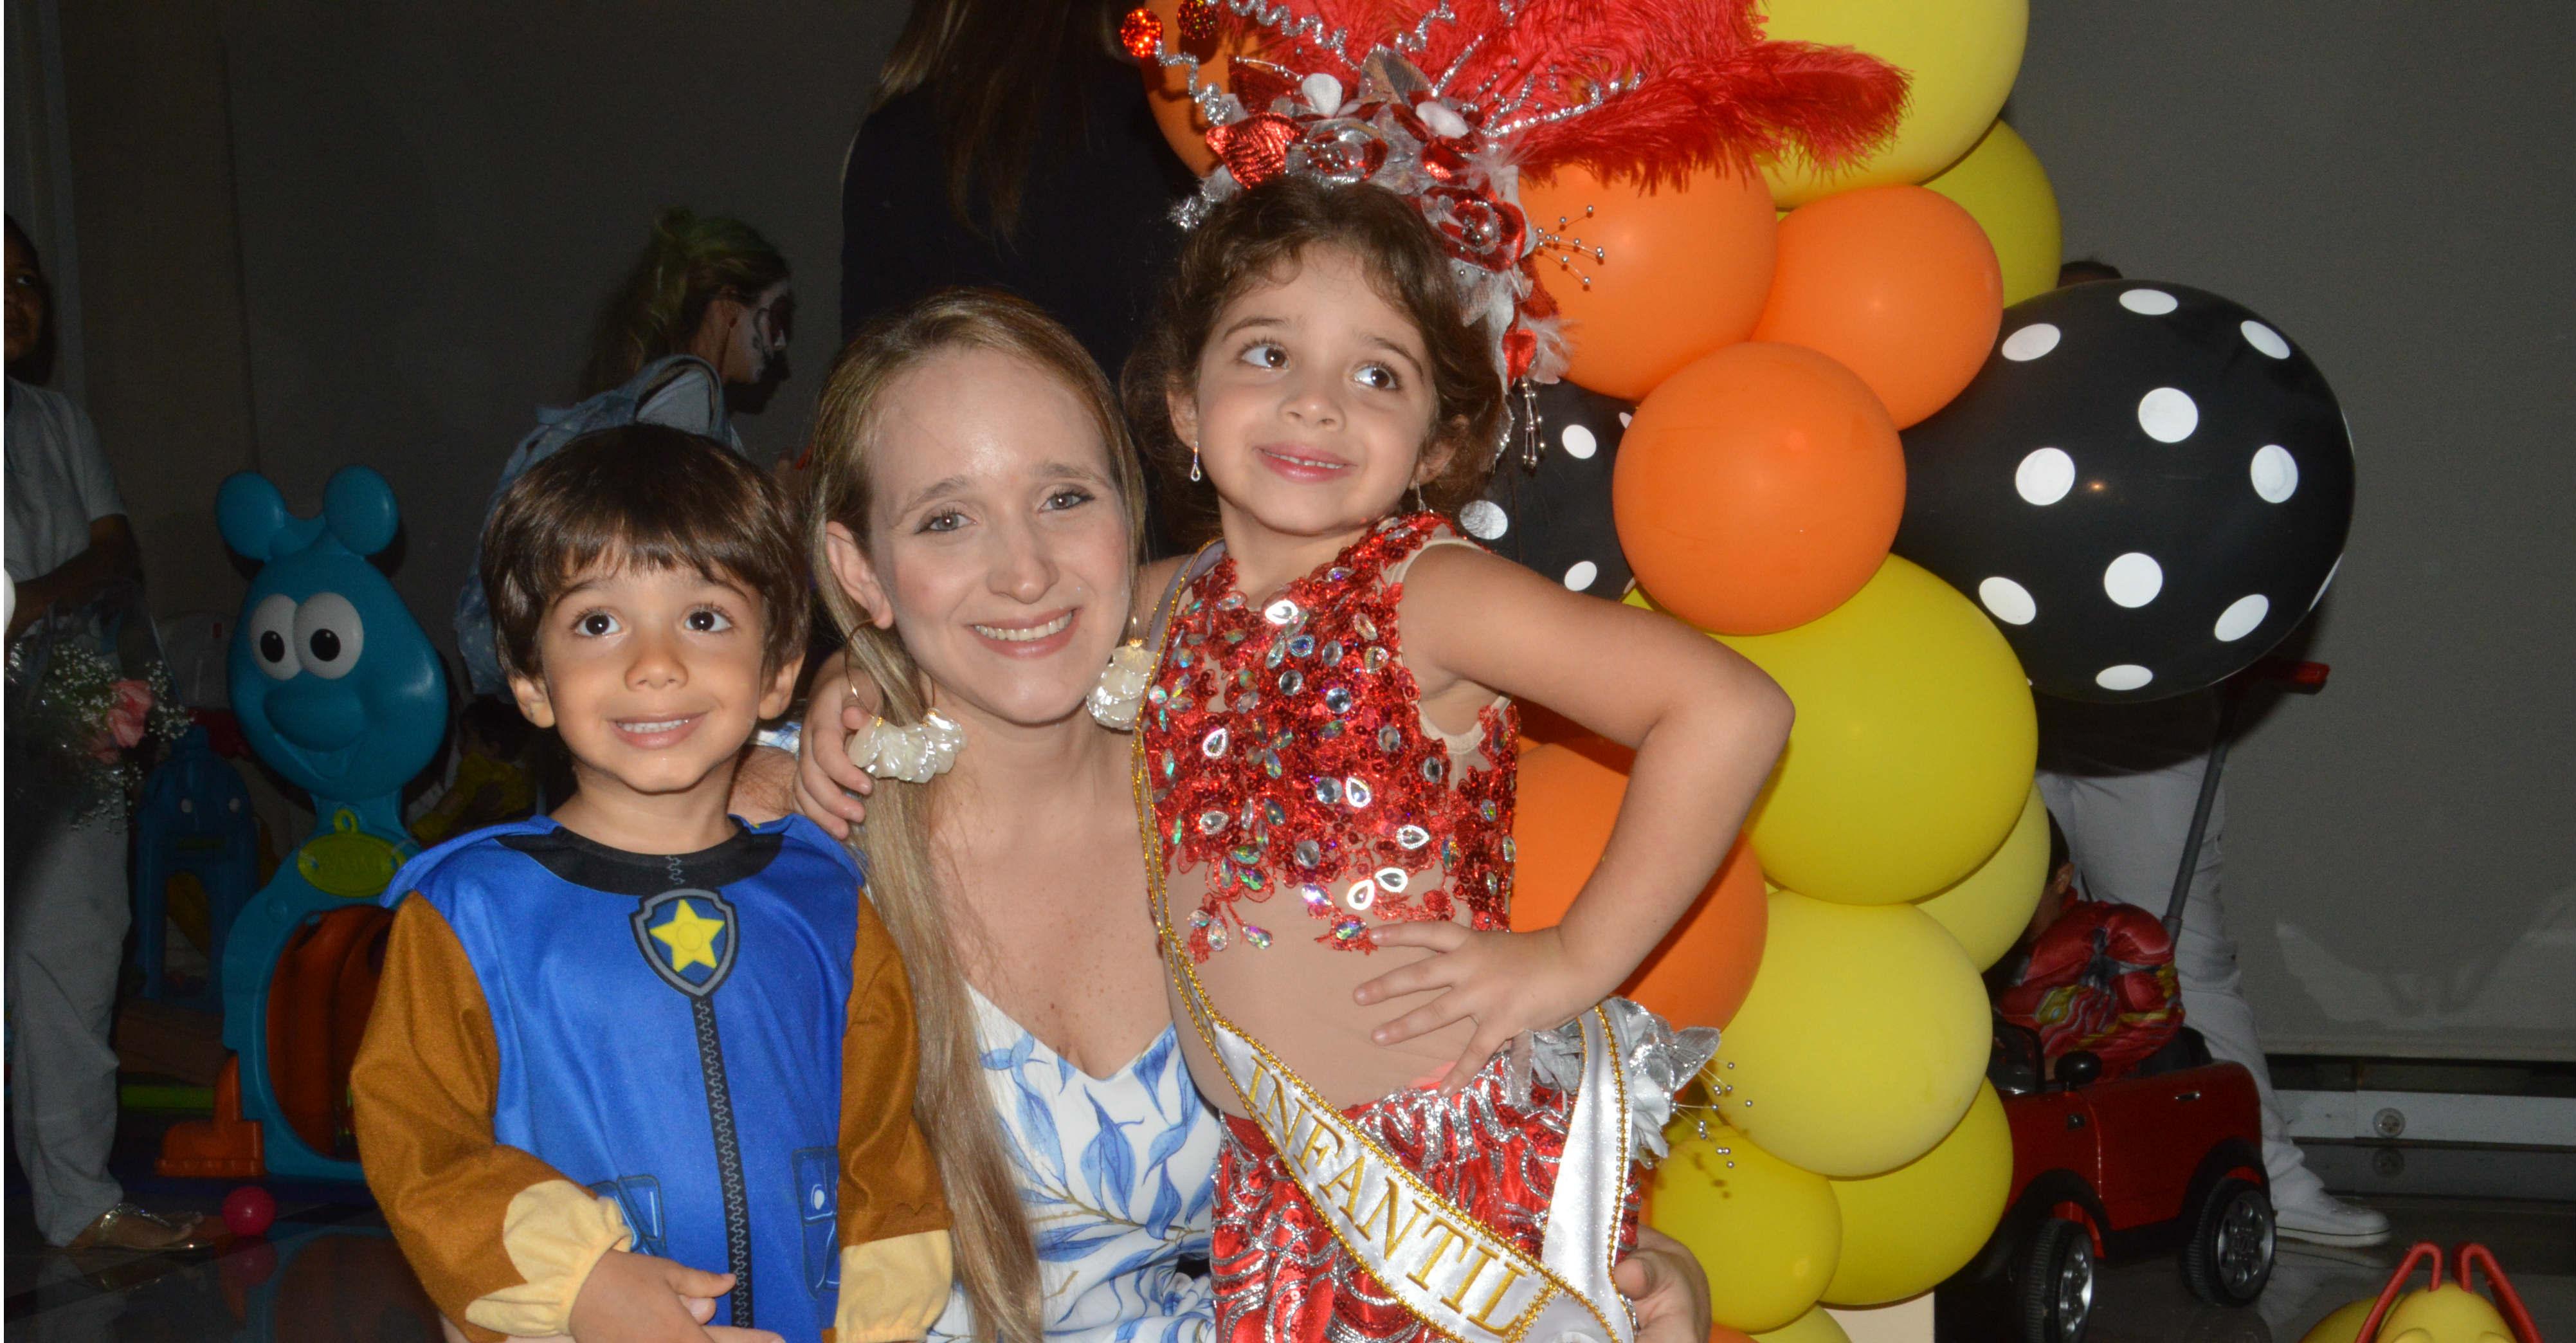 Tatiana Saghair, capitana Pre Infantil en compañía de su mamá Tana George y su hermano Jamal Saghair